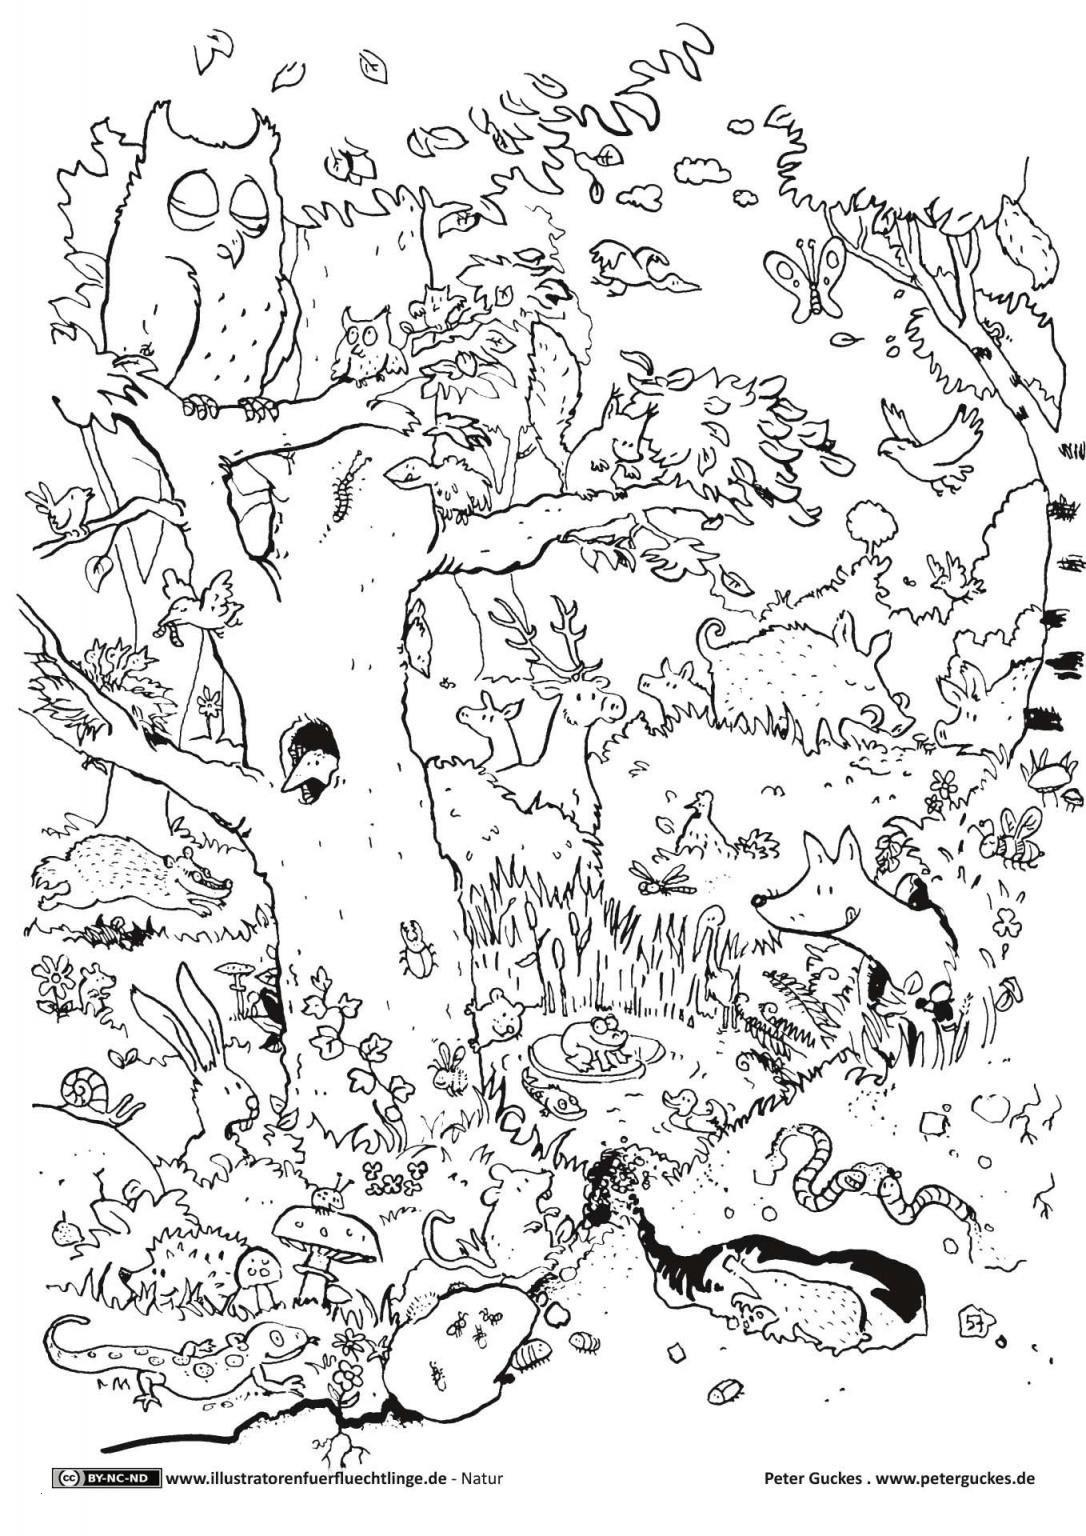 Hundertwasser Bilder Zum Ausmalen Das Beste Von Aristocats Ausmalbilder Frisch Malvorlagen Igel Best Igel Sammlung